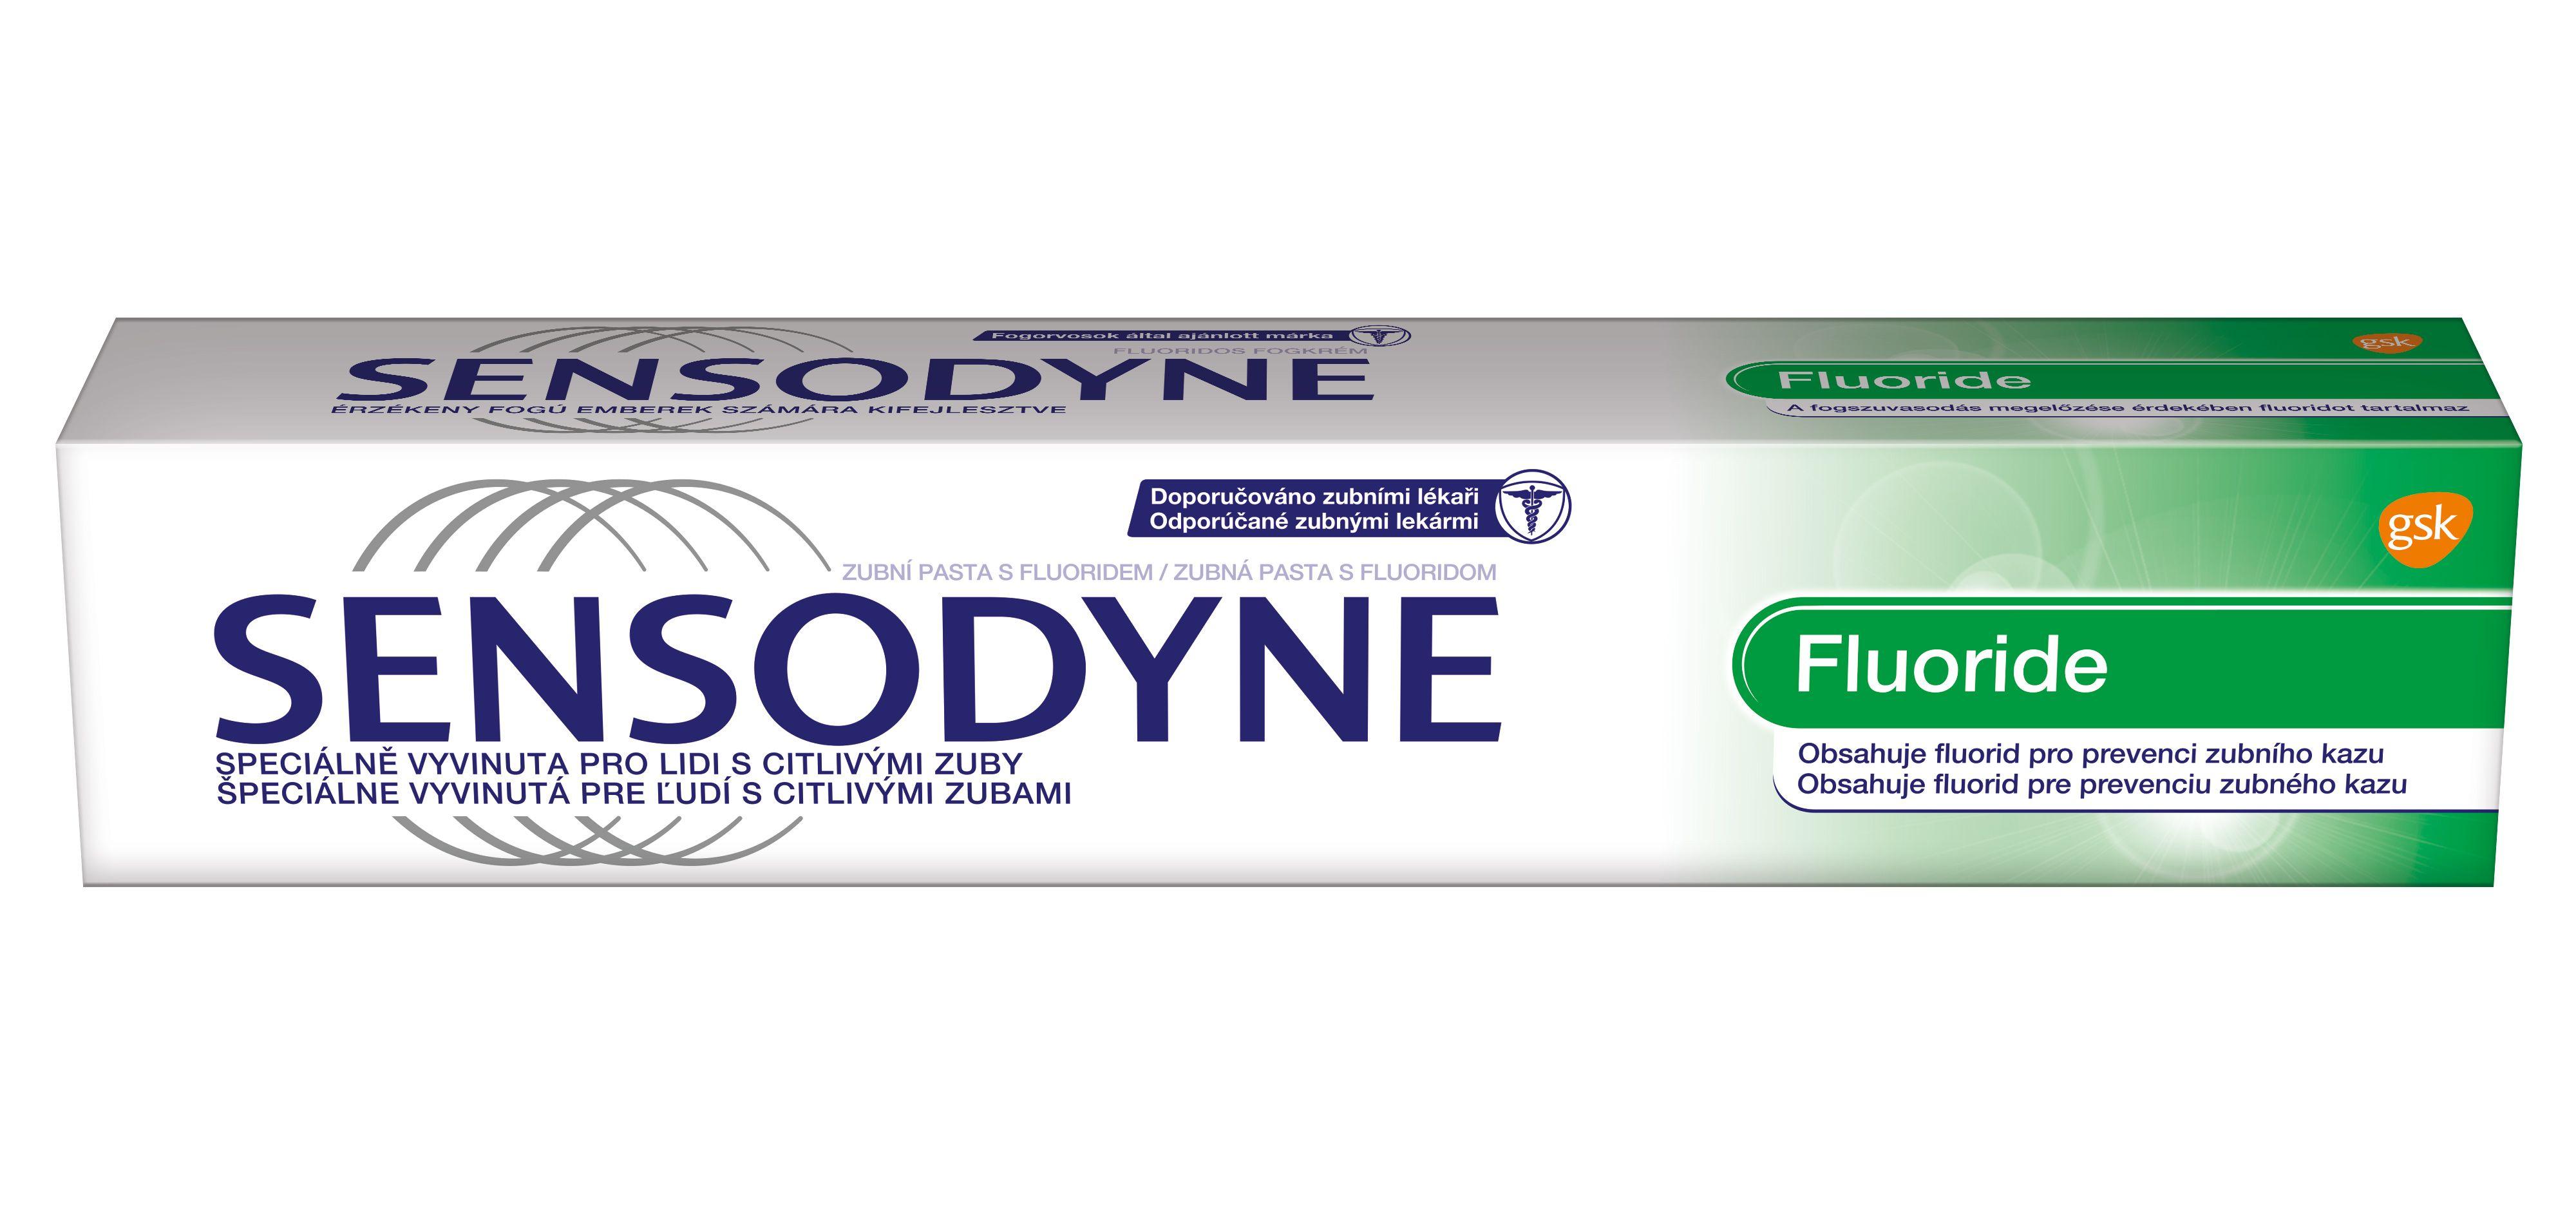 Sensodyne Fluoride zubní pasta 75 ml